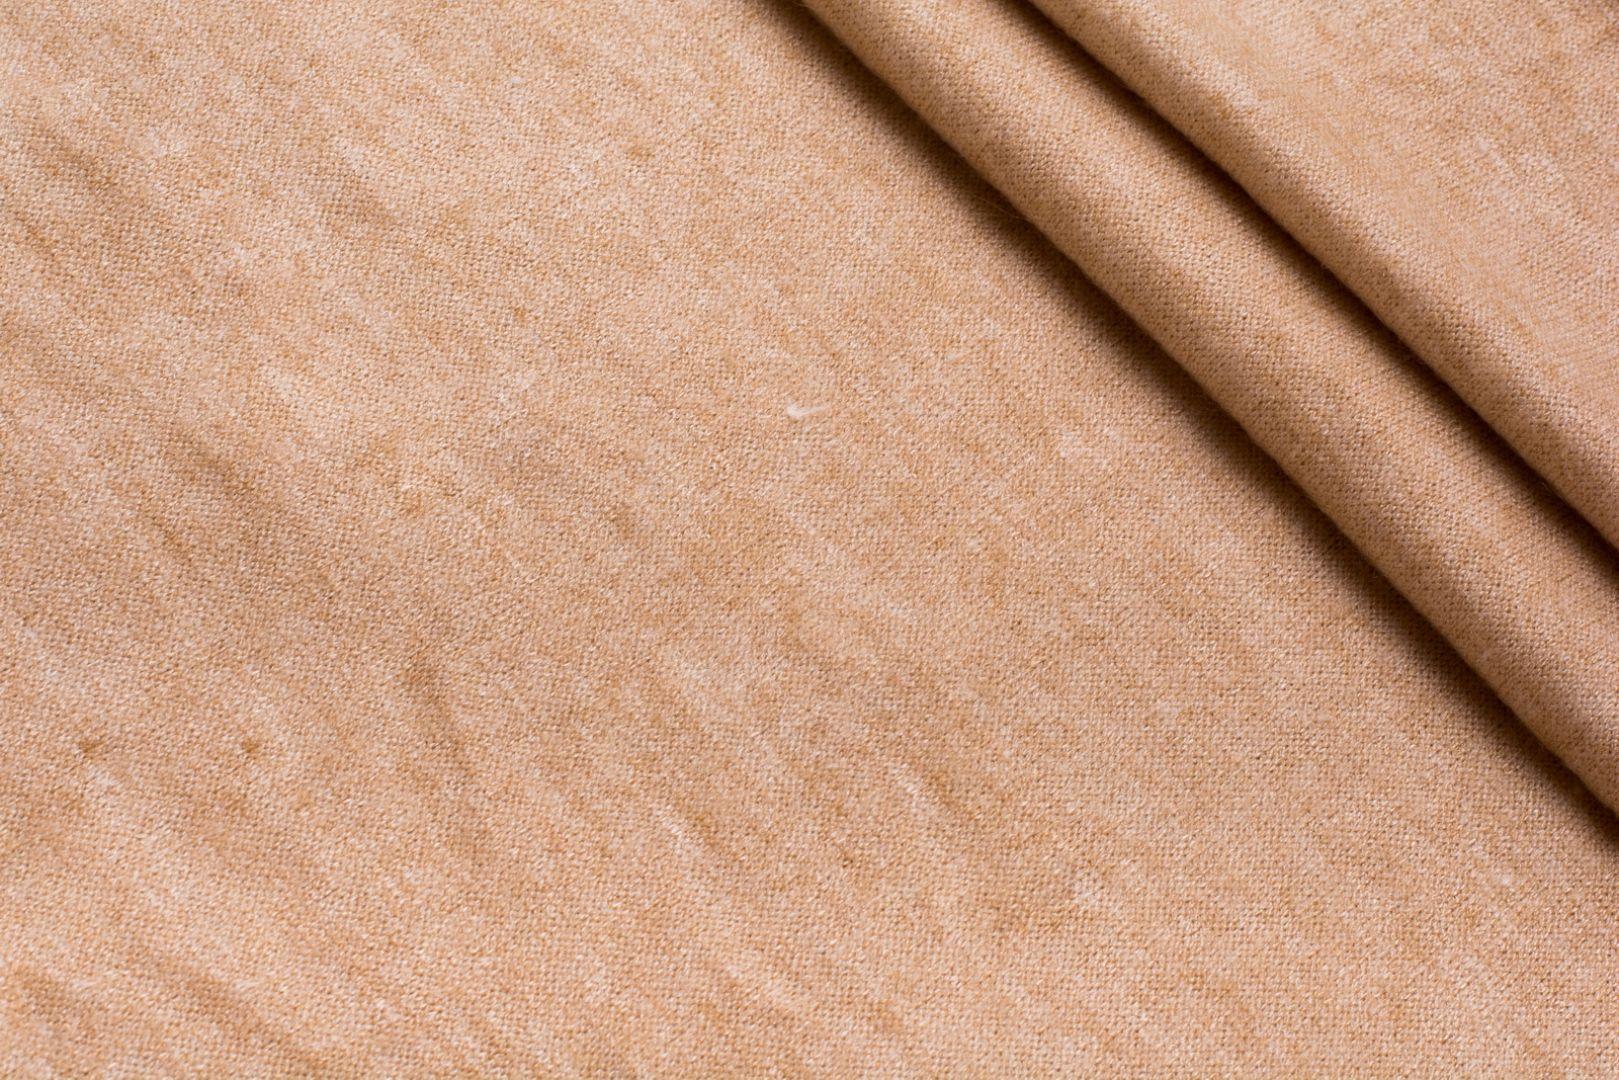 Трикотаж фото ткани простыня на резинке 200х220 купить в спб